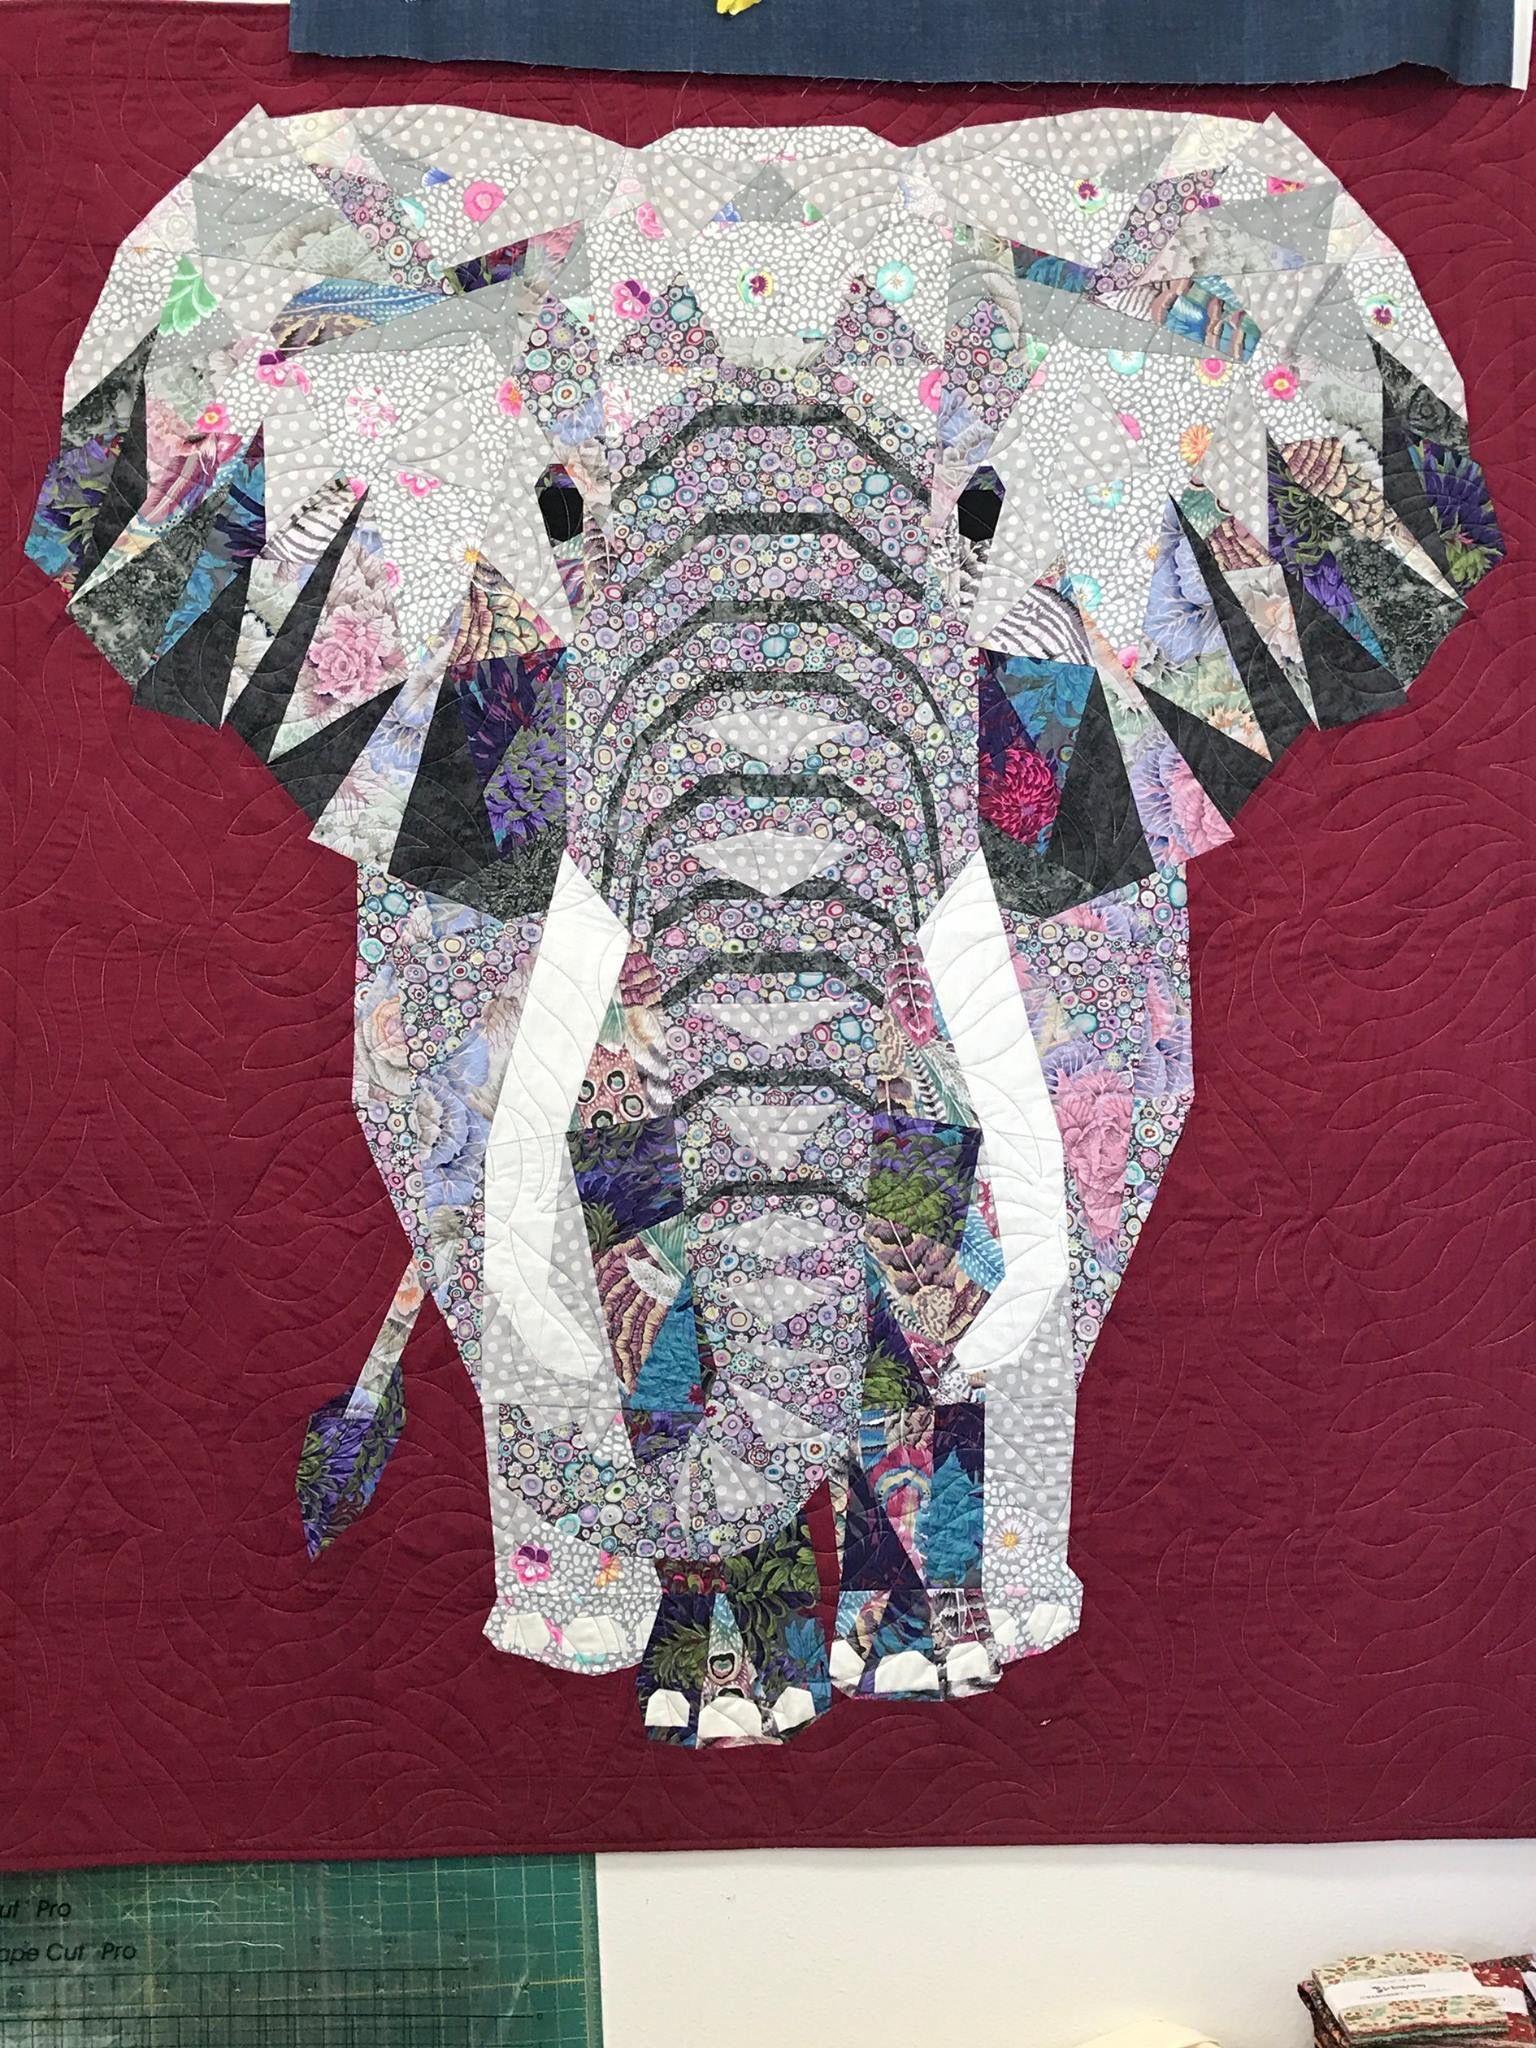 Pin von Sharon Wright auf Quilts I like | Pinterest | Applikationen